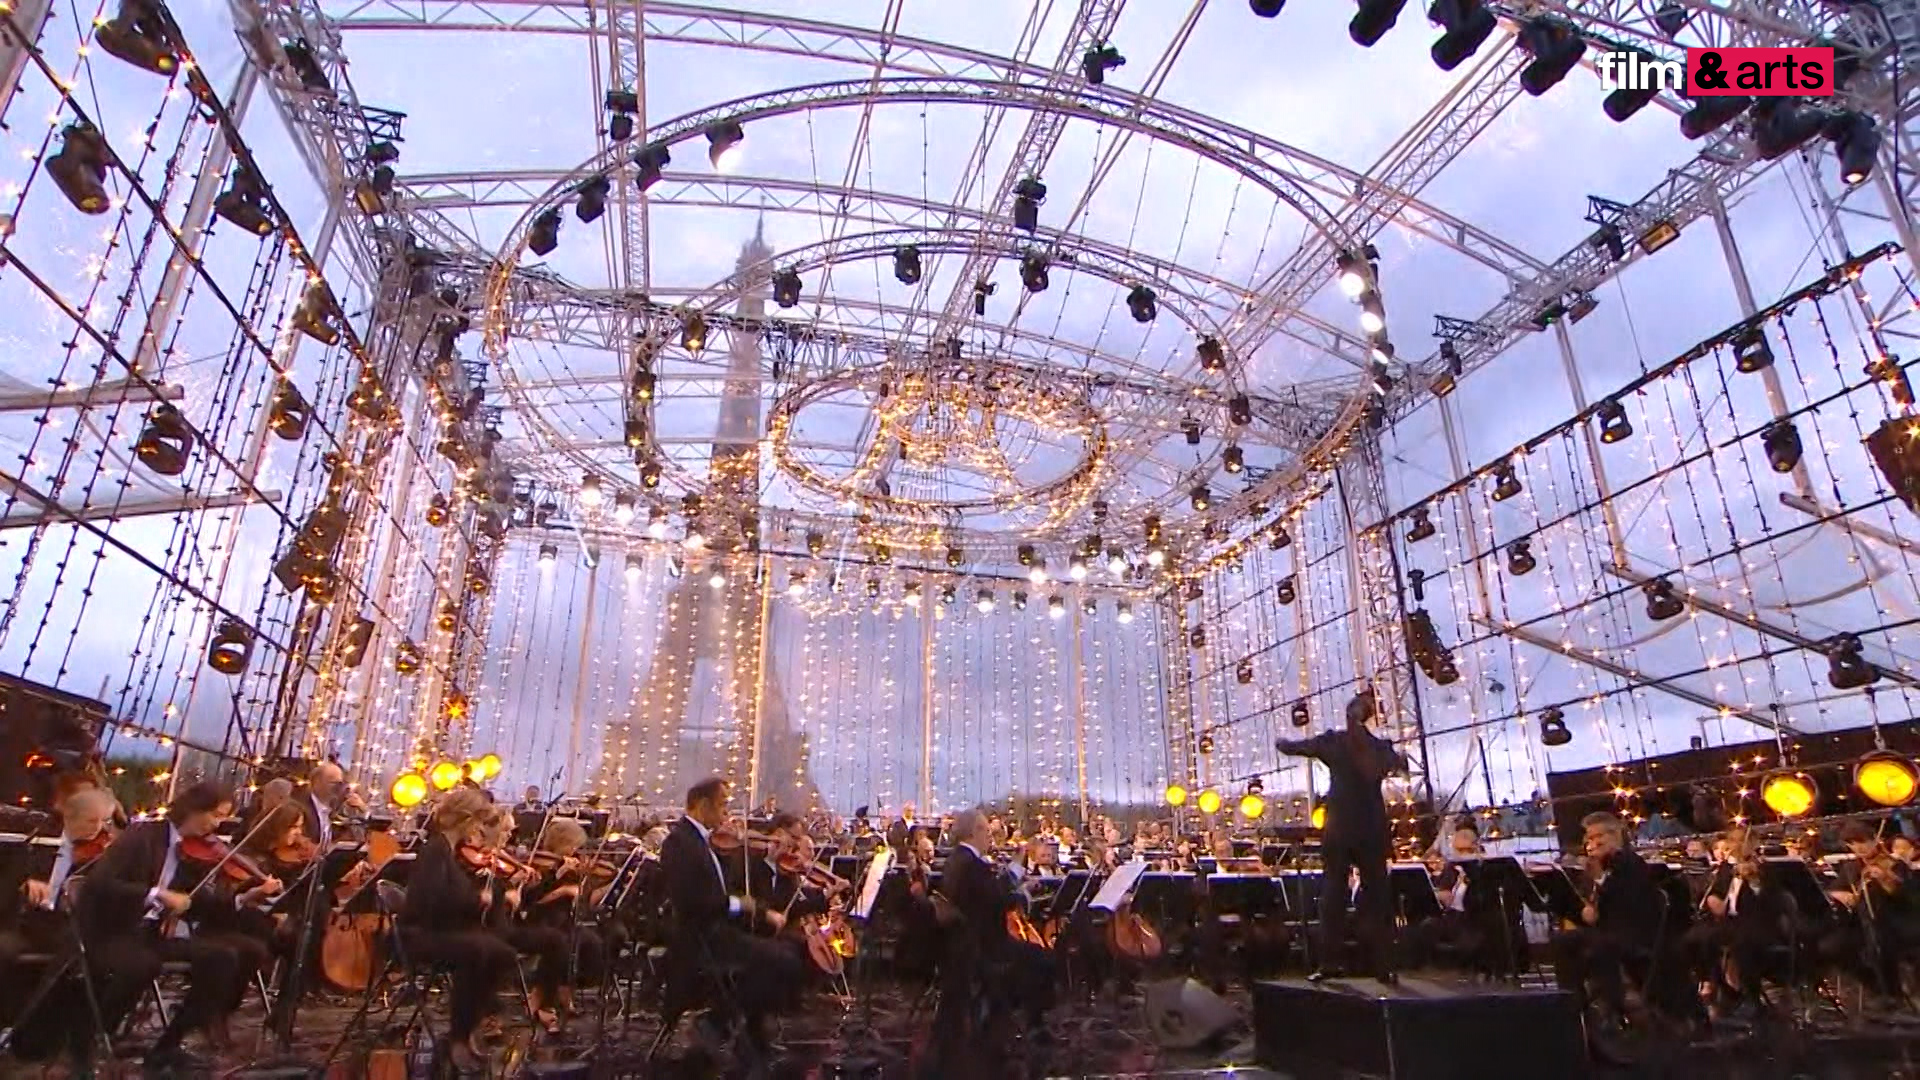 7ompjl4b25_concierto-paris-2020-prensa.00-03-08-05.imagen-fija001.jpg